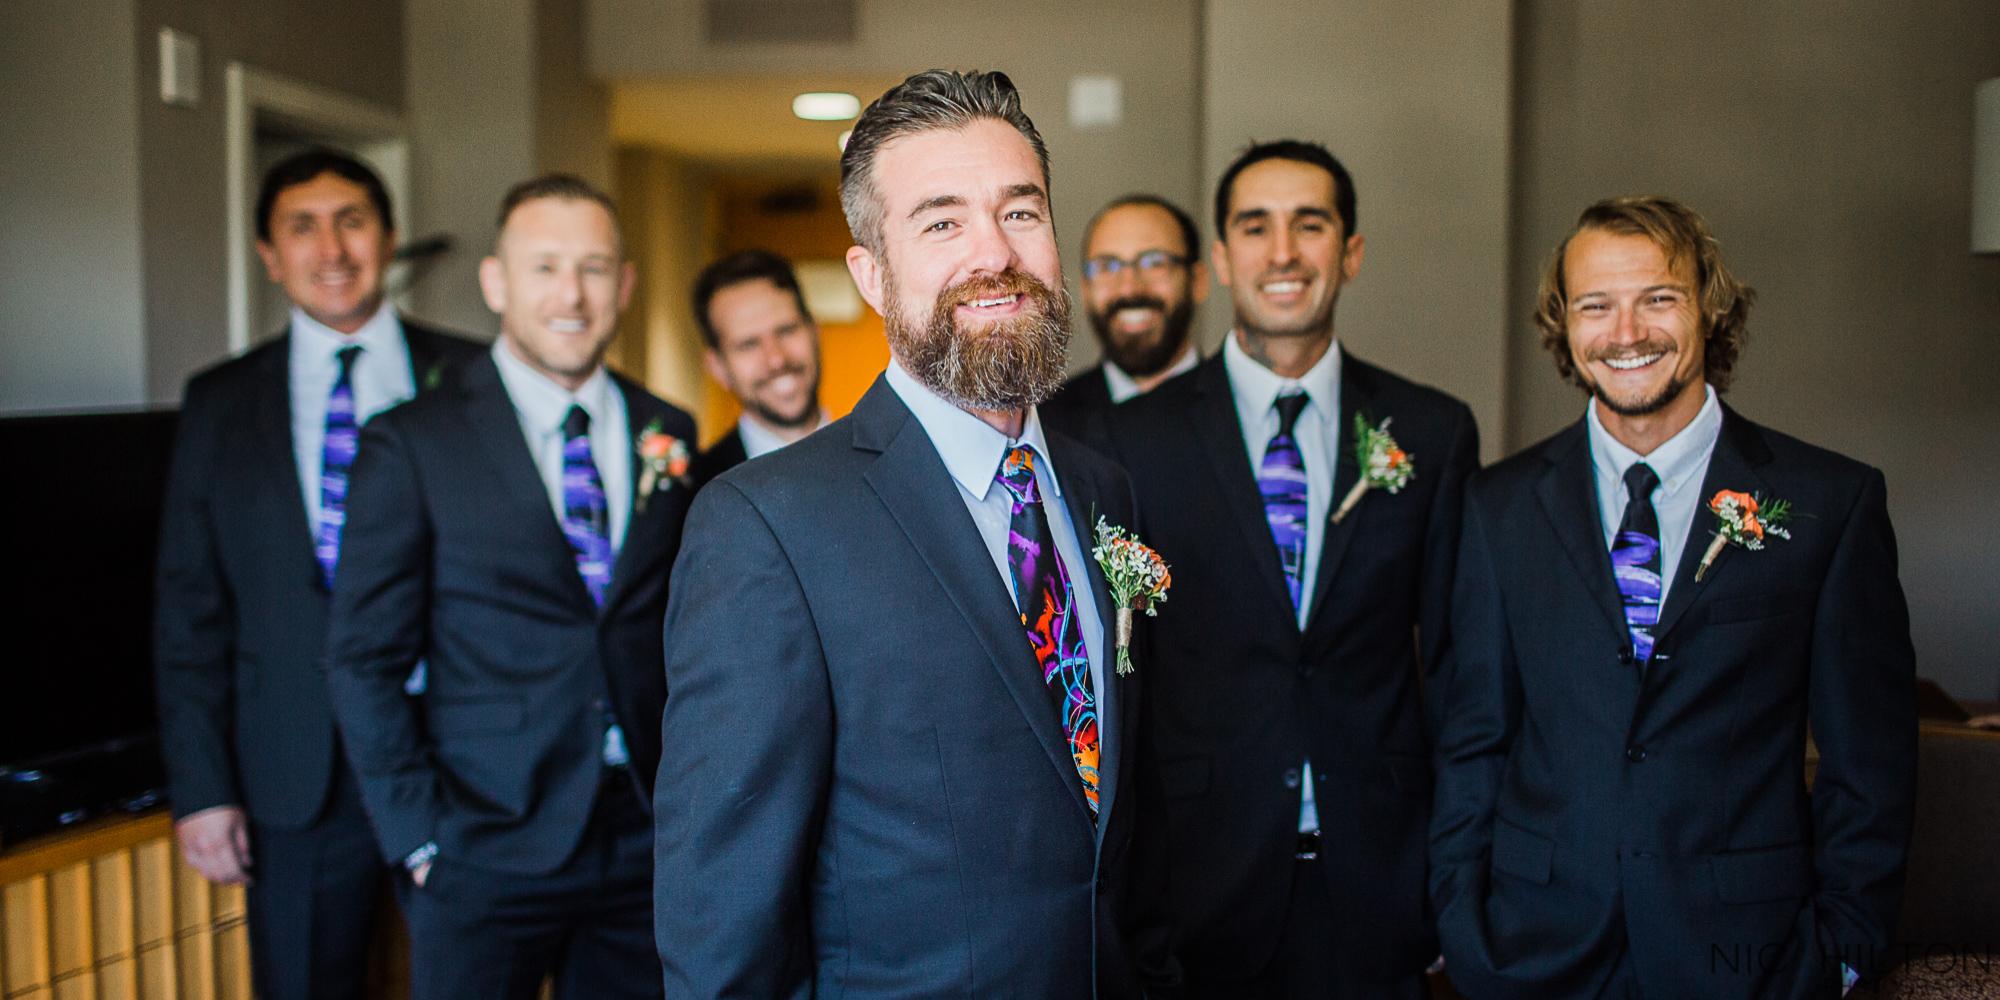 Groomsmen-June-Lake-wedding.jpg